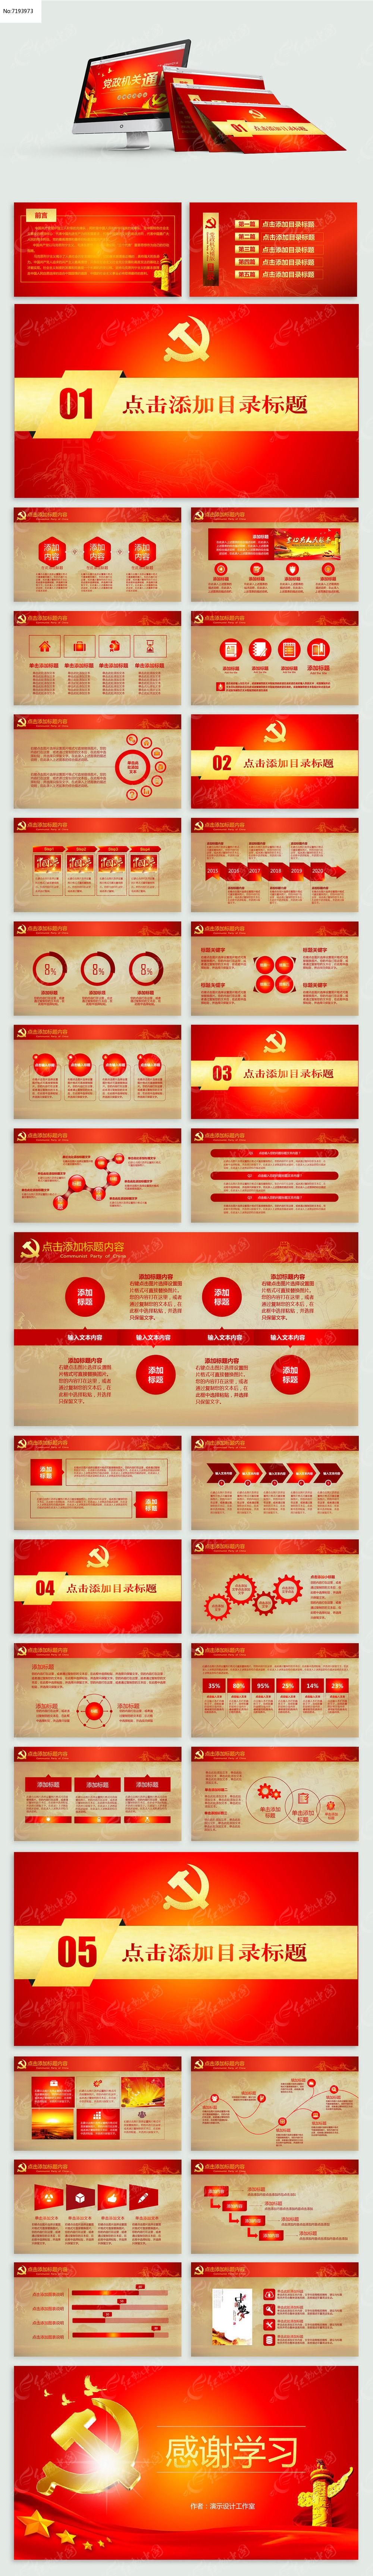 2017最新党政党建教育学习通用PPT模板图片